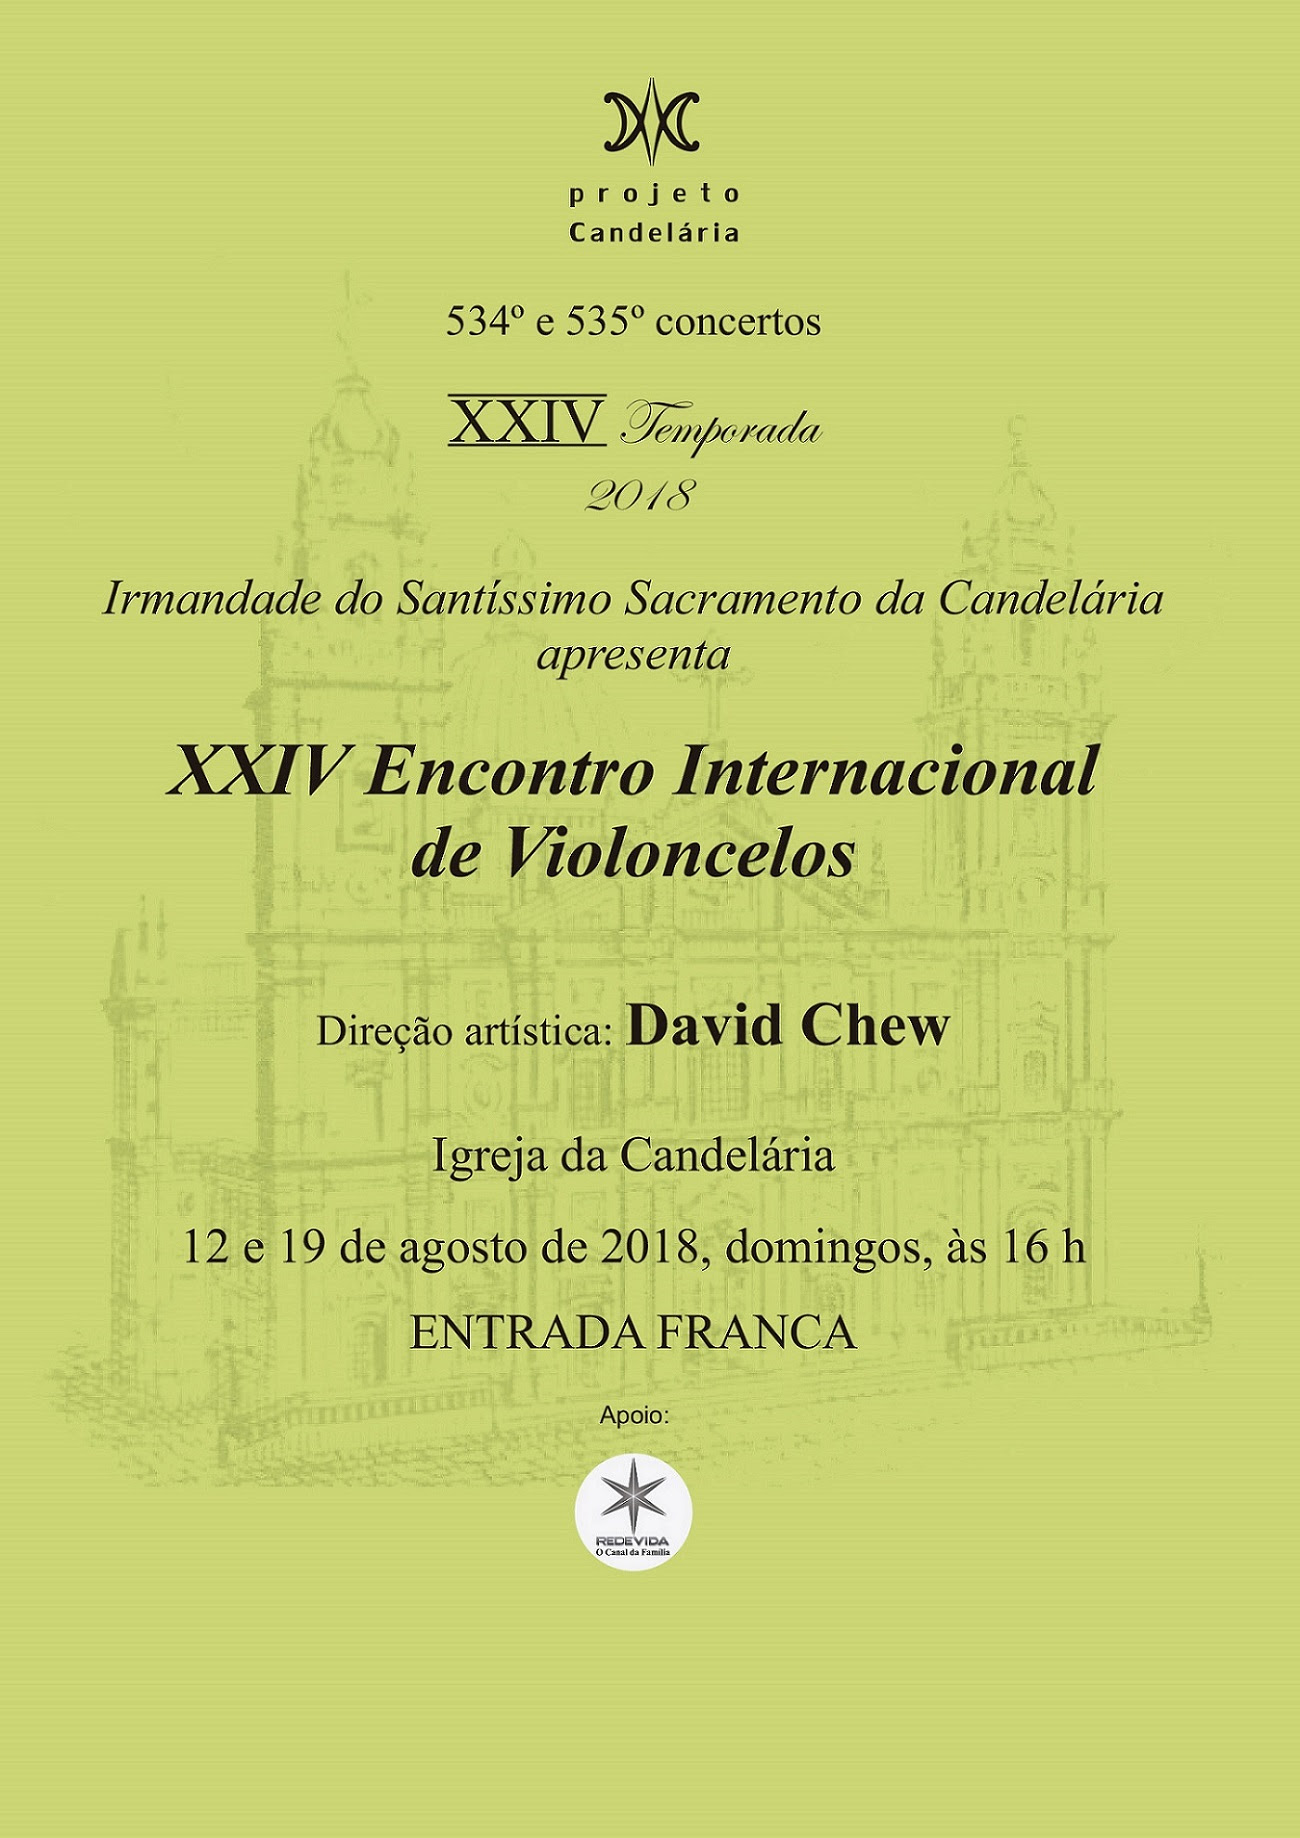 Concertos Agosto 2018 534 - 535